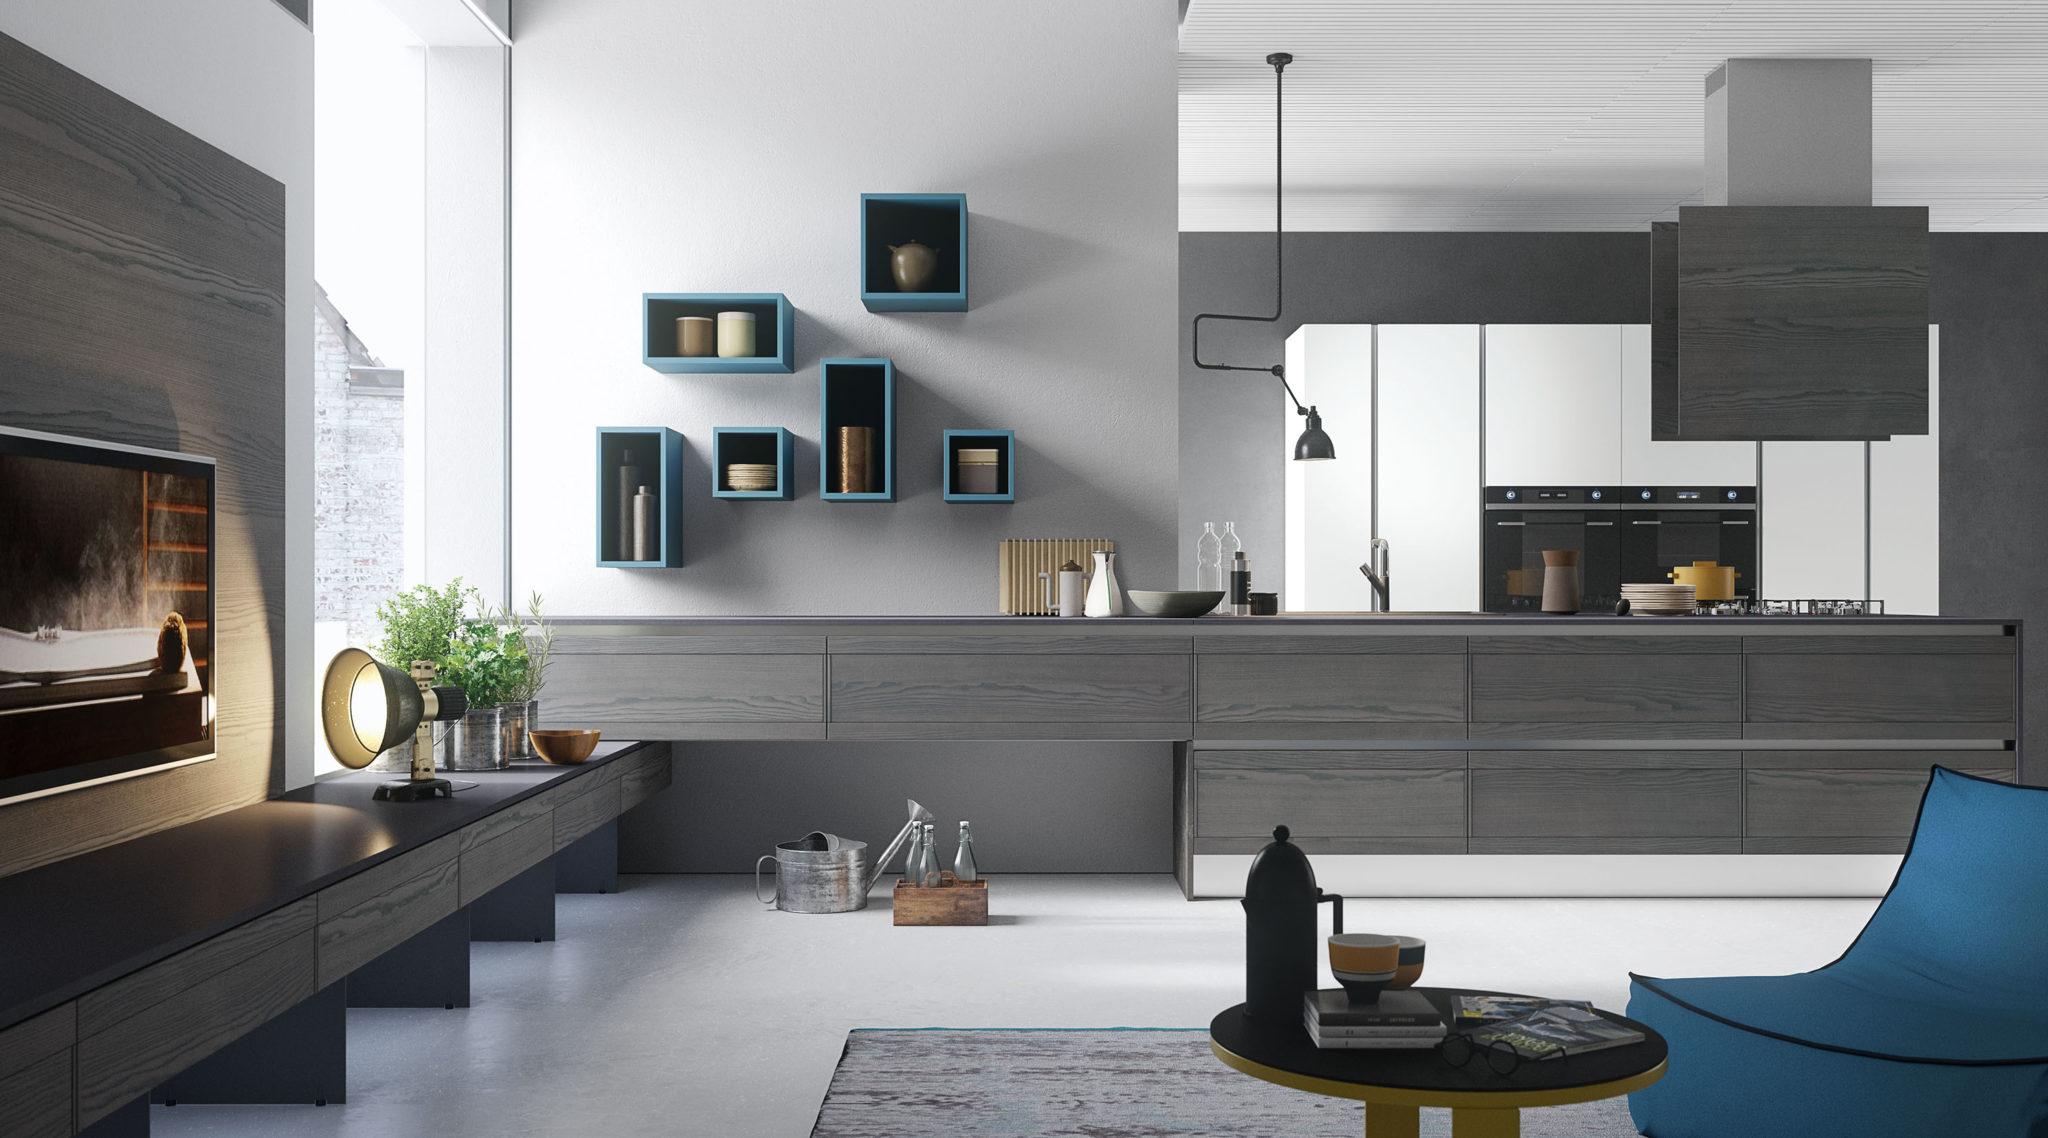 Cucine Componibili Design Moderno : Cucine a legna rizzoli prezzo ...